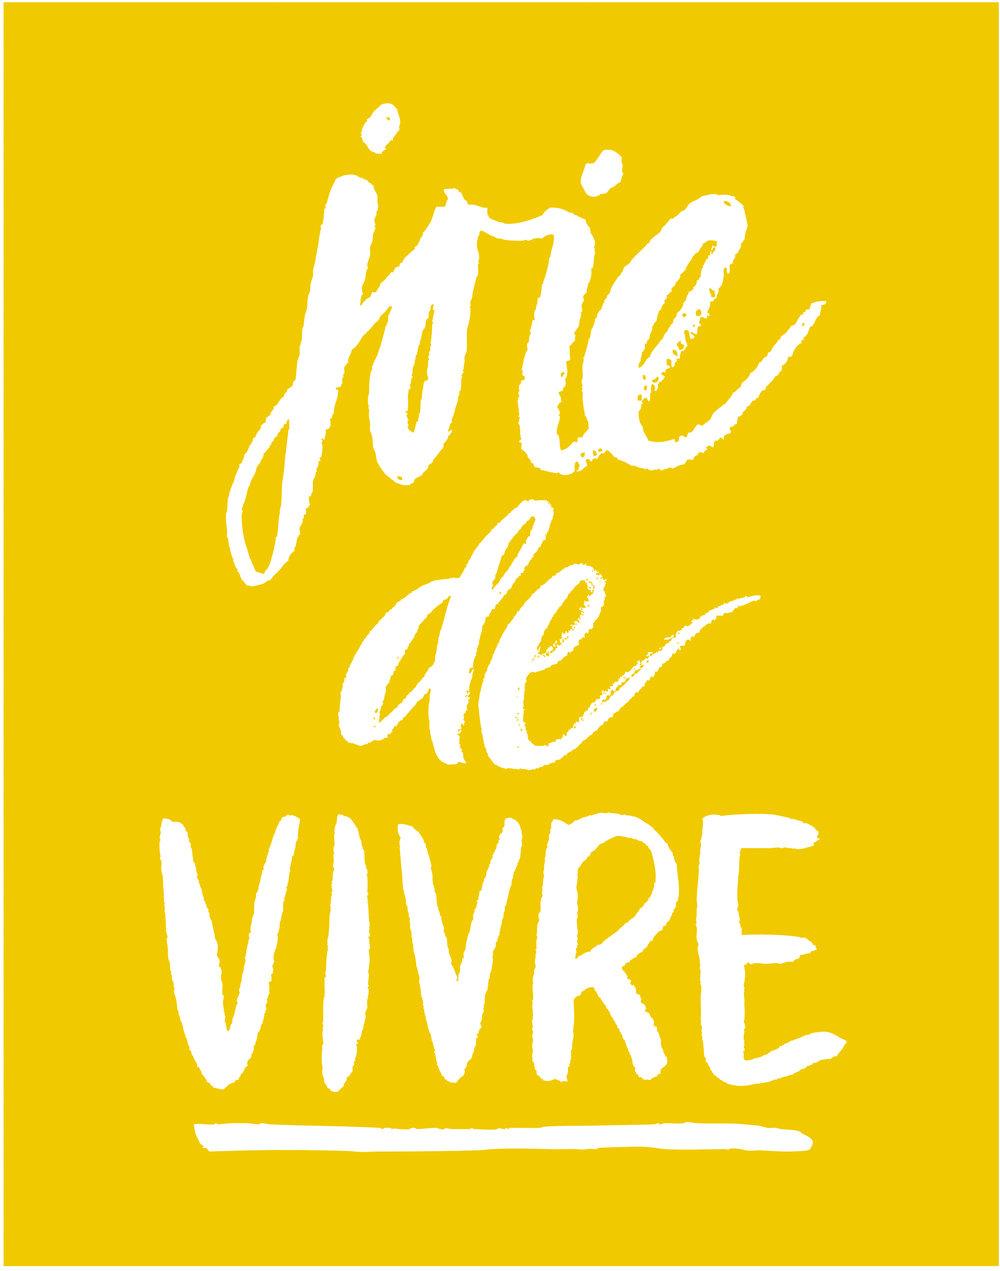 11x14 joie de vivre_YELLOW.jpg